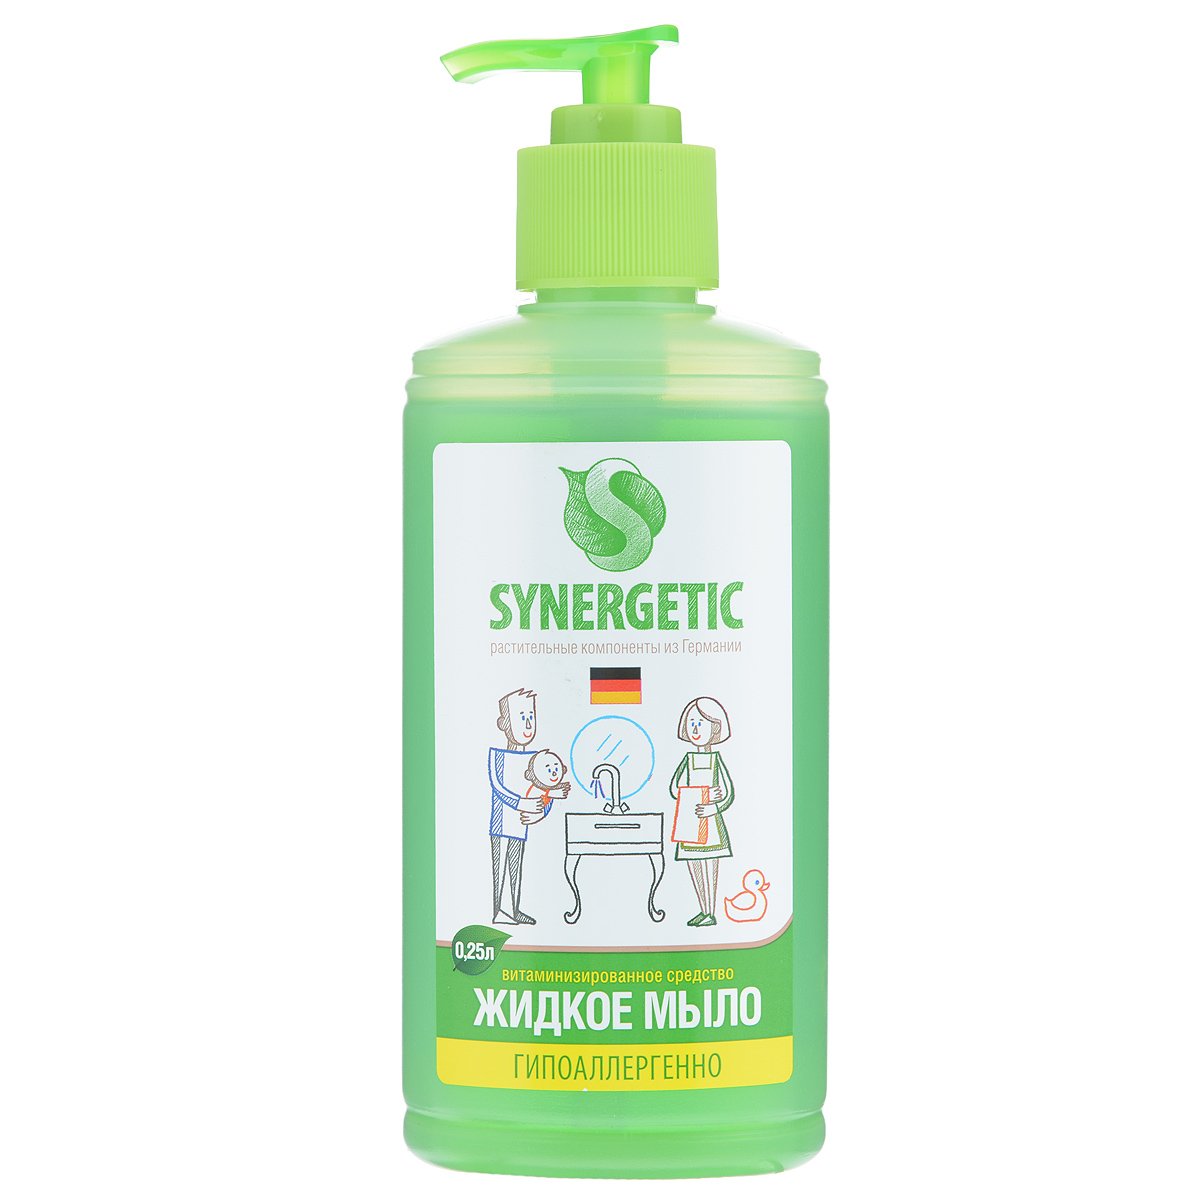 Жидкое мыло Synergetic, 250 мл105025Концентрированное жидкое мыло Synergetic подходит для бережного очищения кожи от любых загрязнений, обладает приятным натуральным ароматом. Особая формула интенсивно питает и защищает вашу кожу, Благодаря только растительным компонентам, входящих в состав, мыло безопасно для детей и животных.Состав: 5-15% А-тензиды (растительного происхождения), глицерин, экстракт полевых трав, пищевой краситель.Товар сертифицирован.